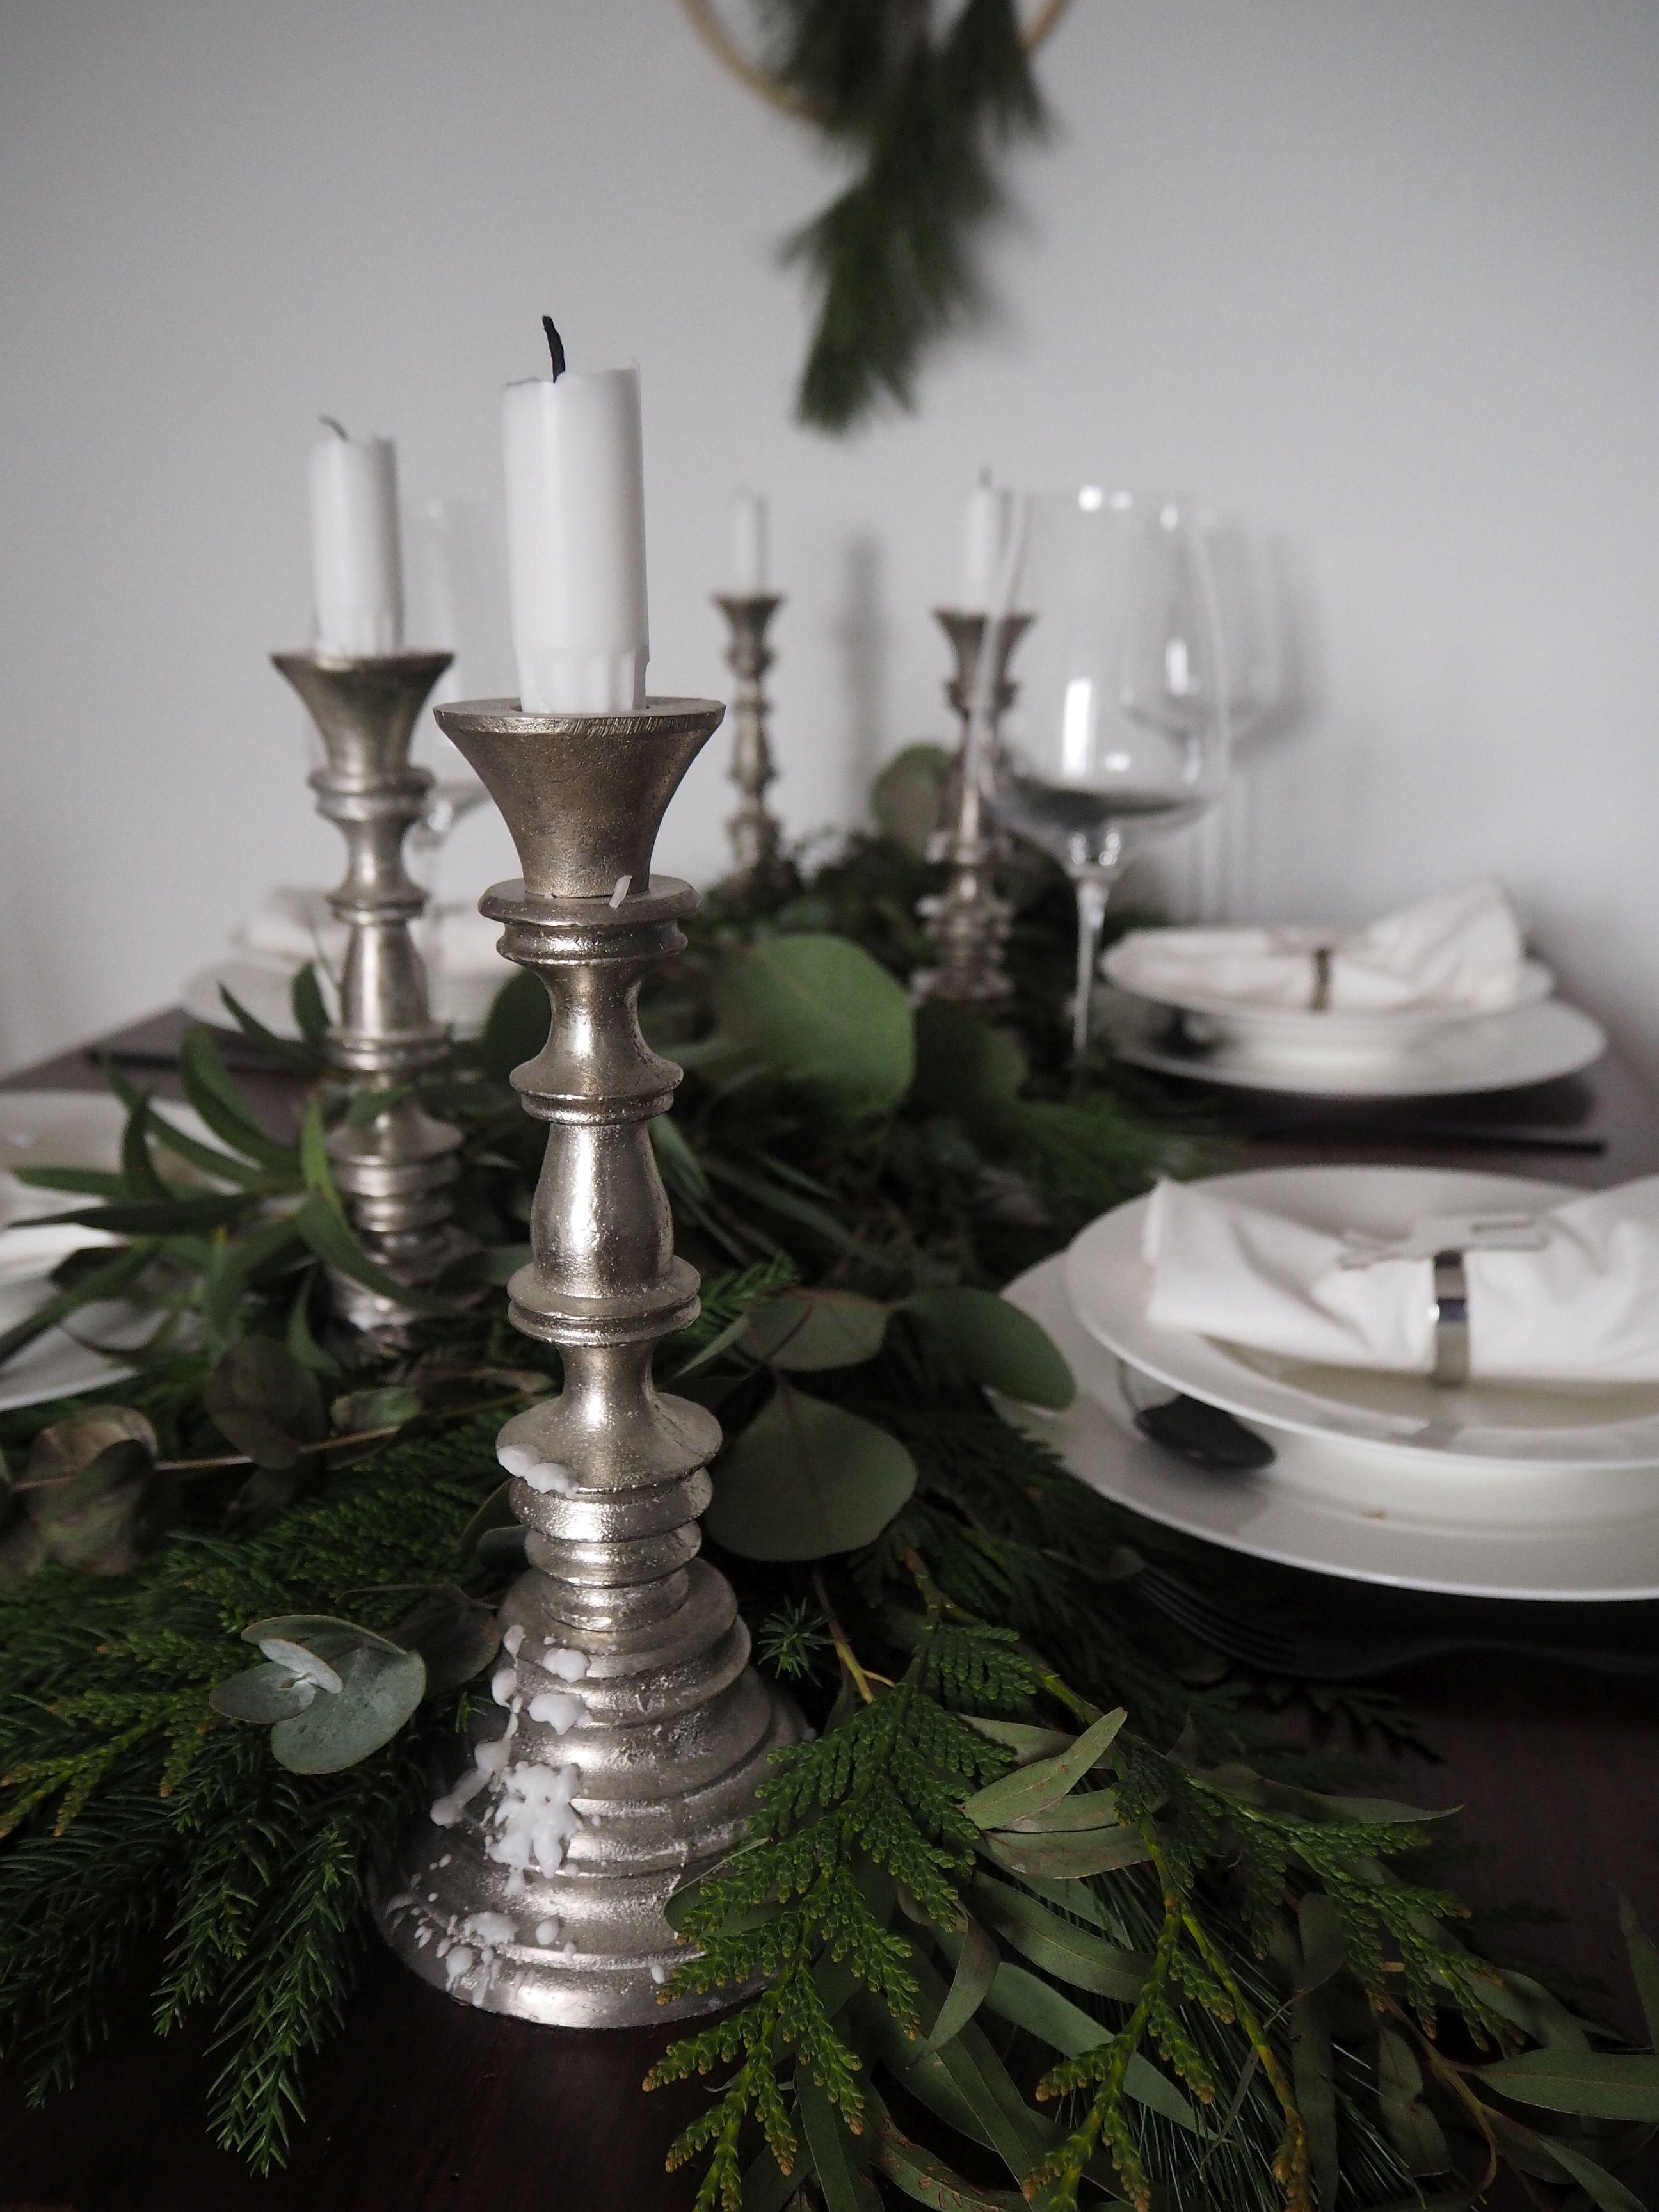 2017-12-skoen-och-kreativ-tischdeko-interior-schlichtes-skandinavisches-tablesetting-weihnachten (3 (11)